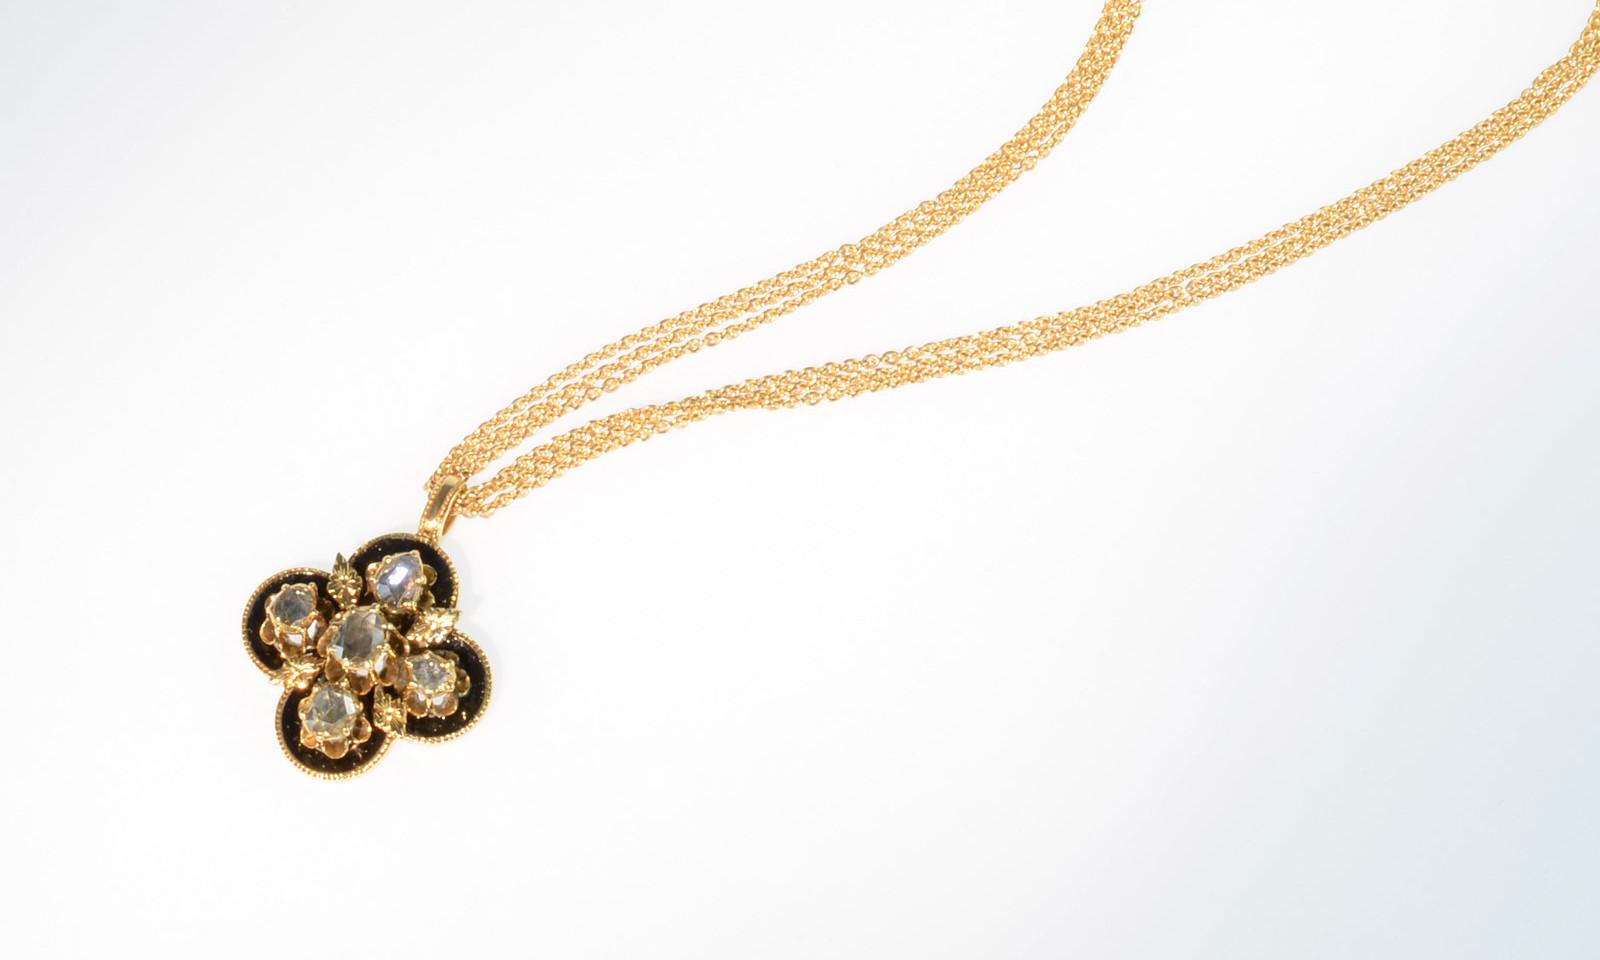 Anhaenger Antik Diamant Email. Anhänger um 1850, Gold 585 mit folierten Diamanten und schwarzem Email, CHF 2200.- (ohne Kette)